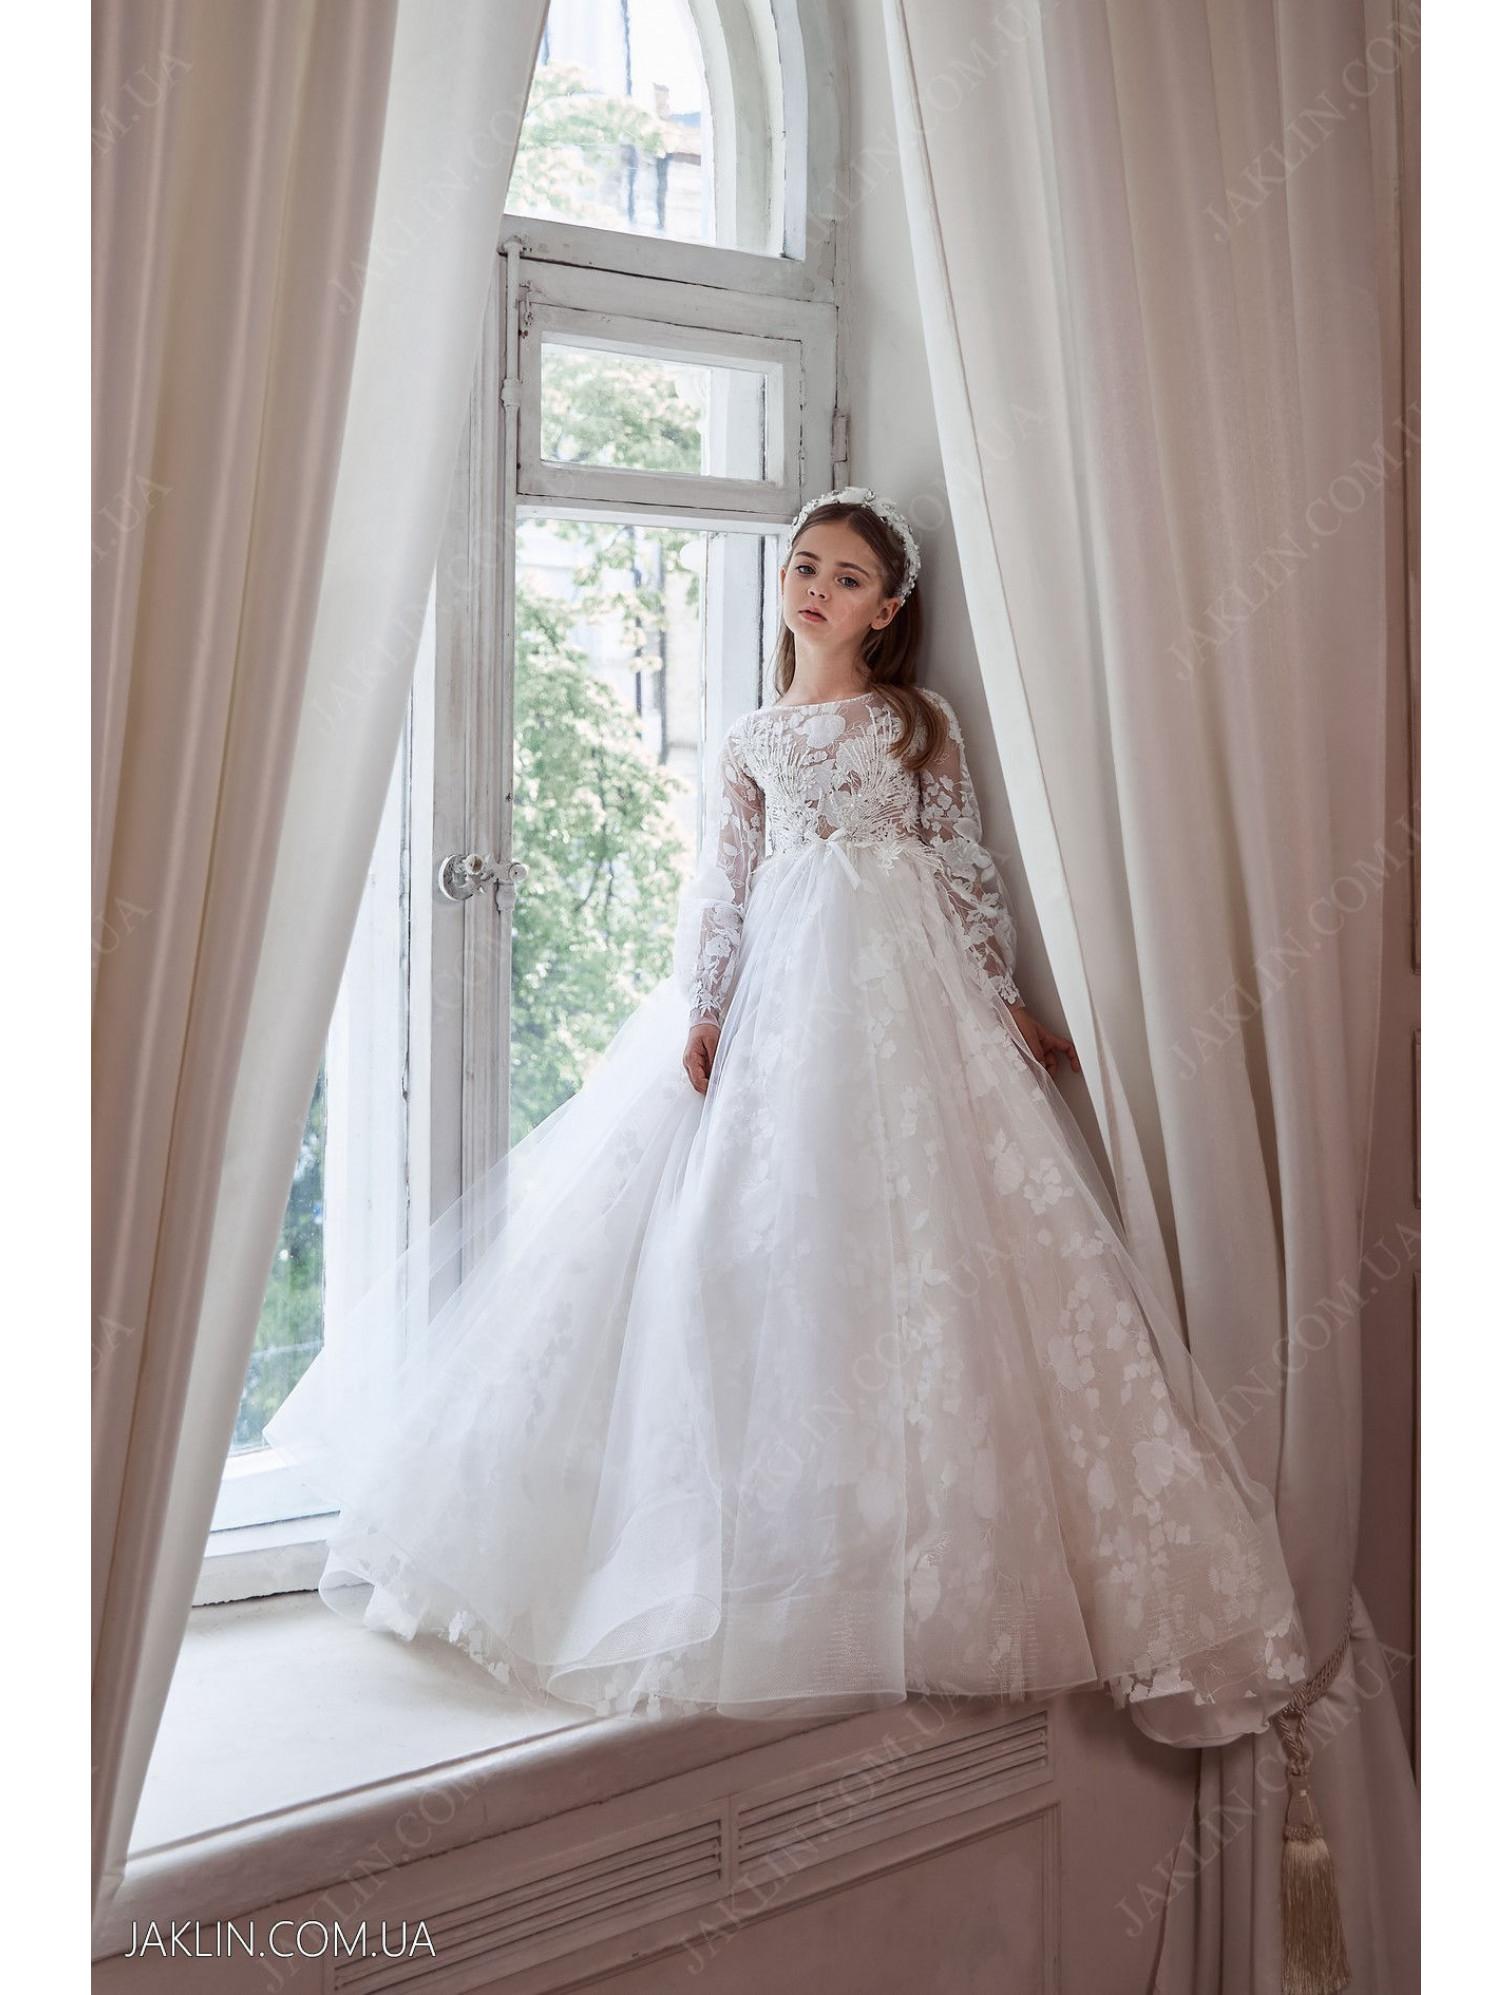 Дитяча сукня 3113